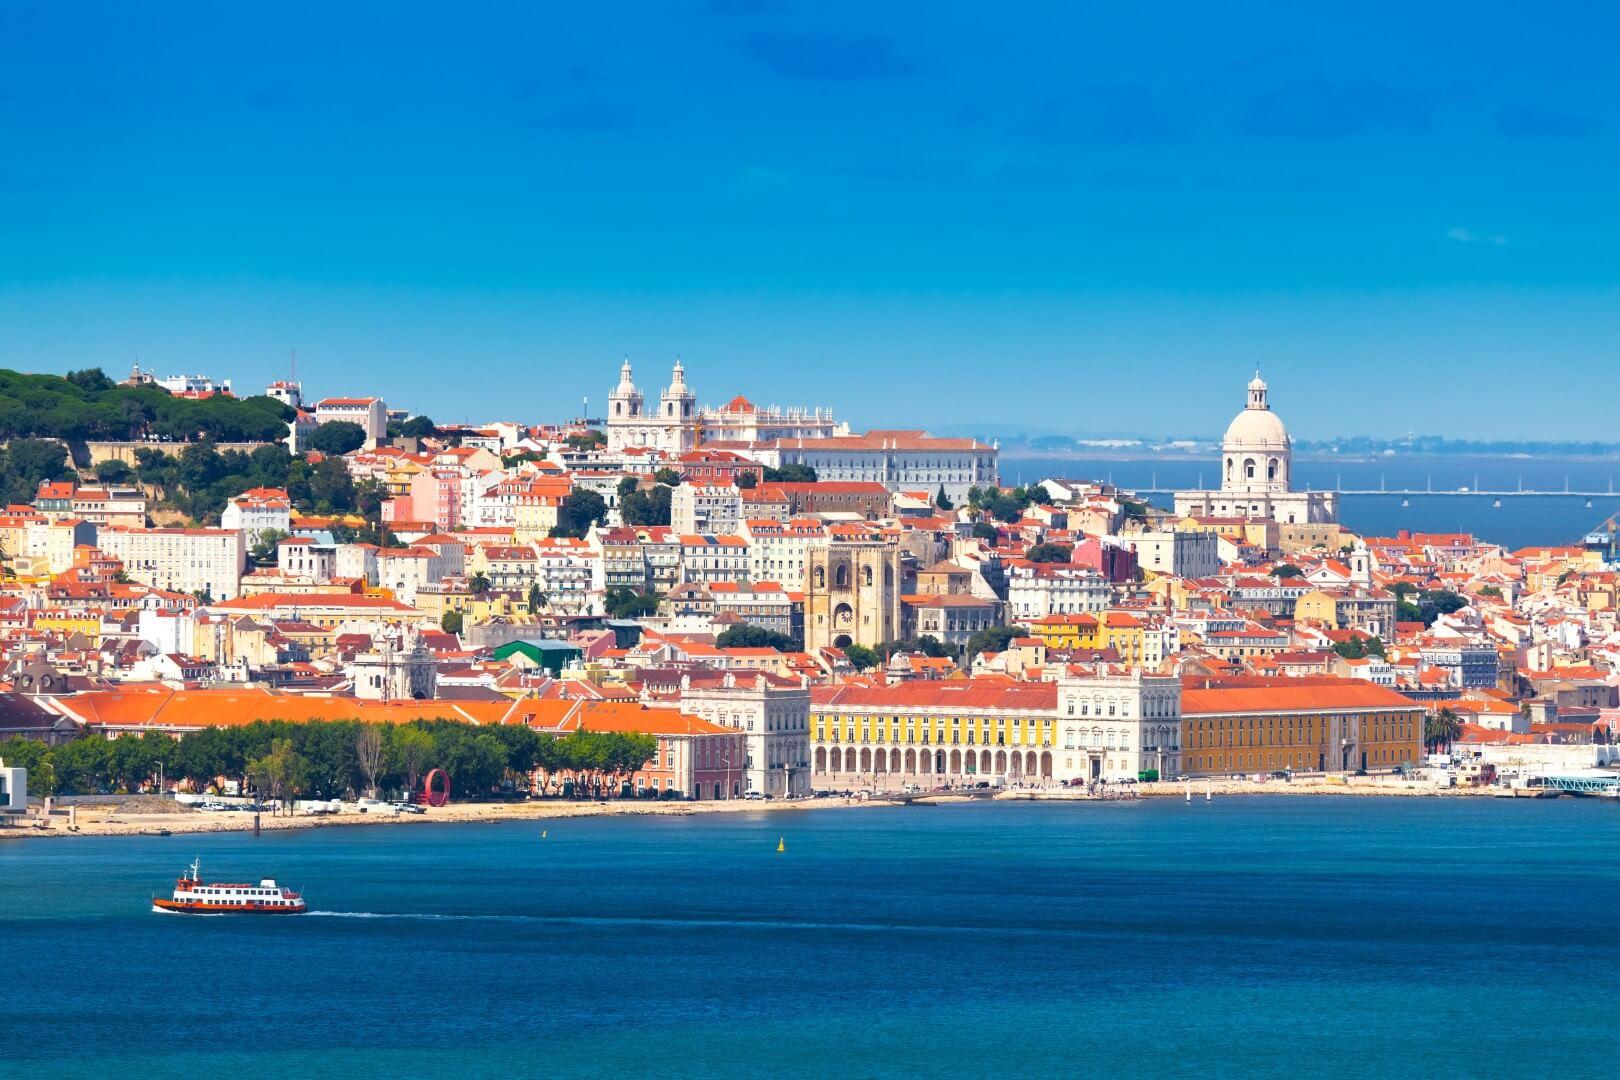 Φθηνές πτήσεις προς Λισαβόνα